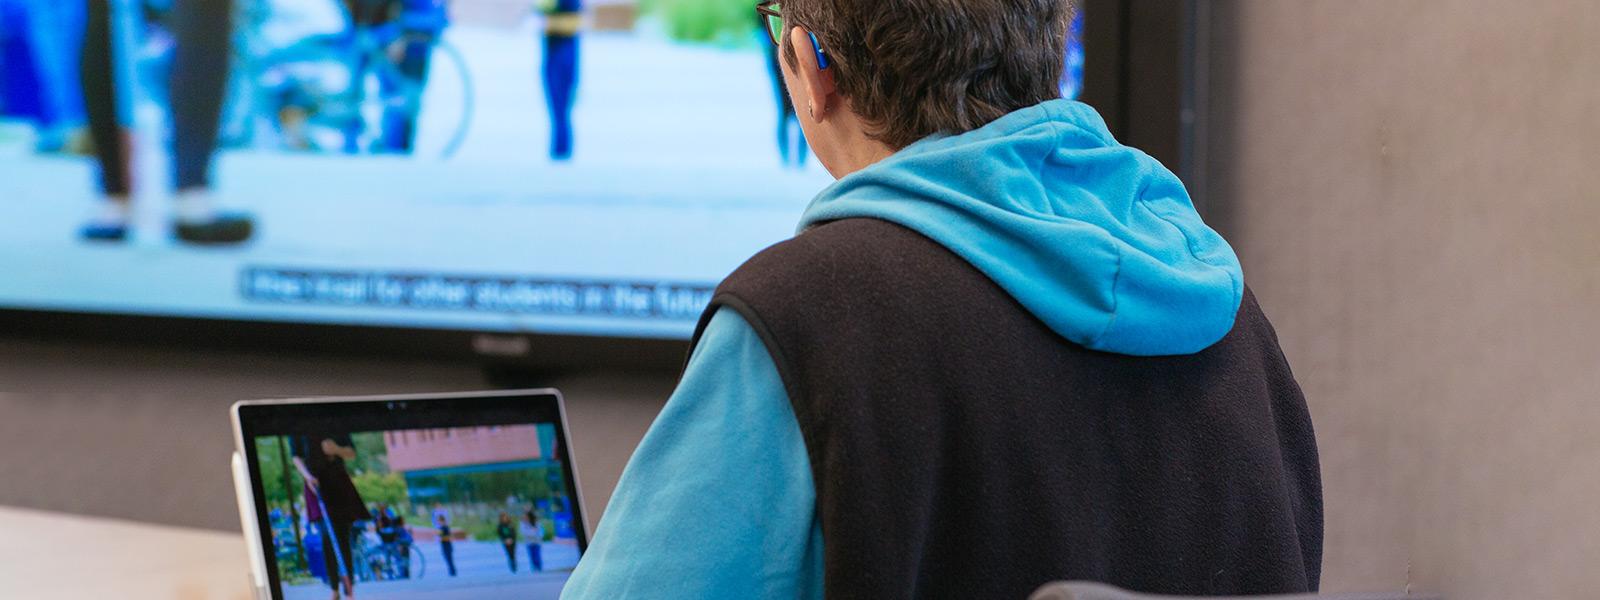 Жінка, яка використовує слуховий апарат, переглядає відеопрезентацію із субтитрами